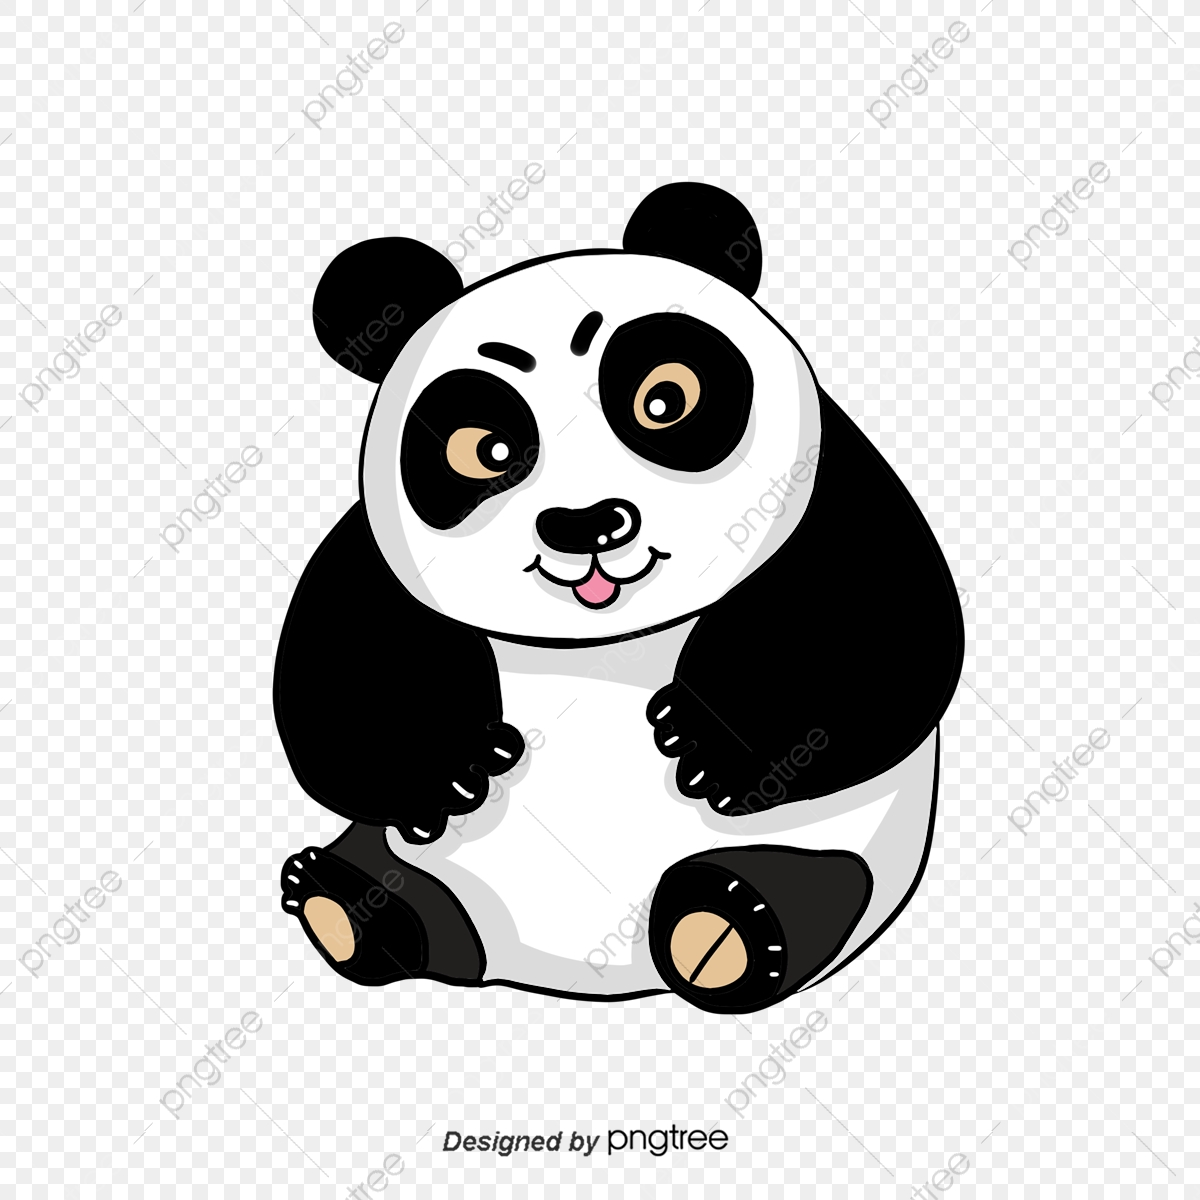 Tangan Berwarna Hitam Dan Putih Yang Lucu Kartun Panda